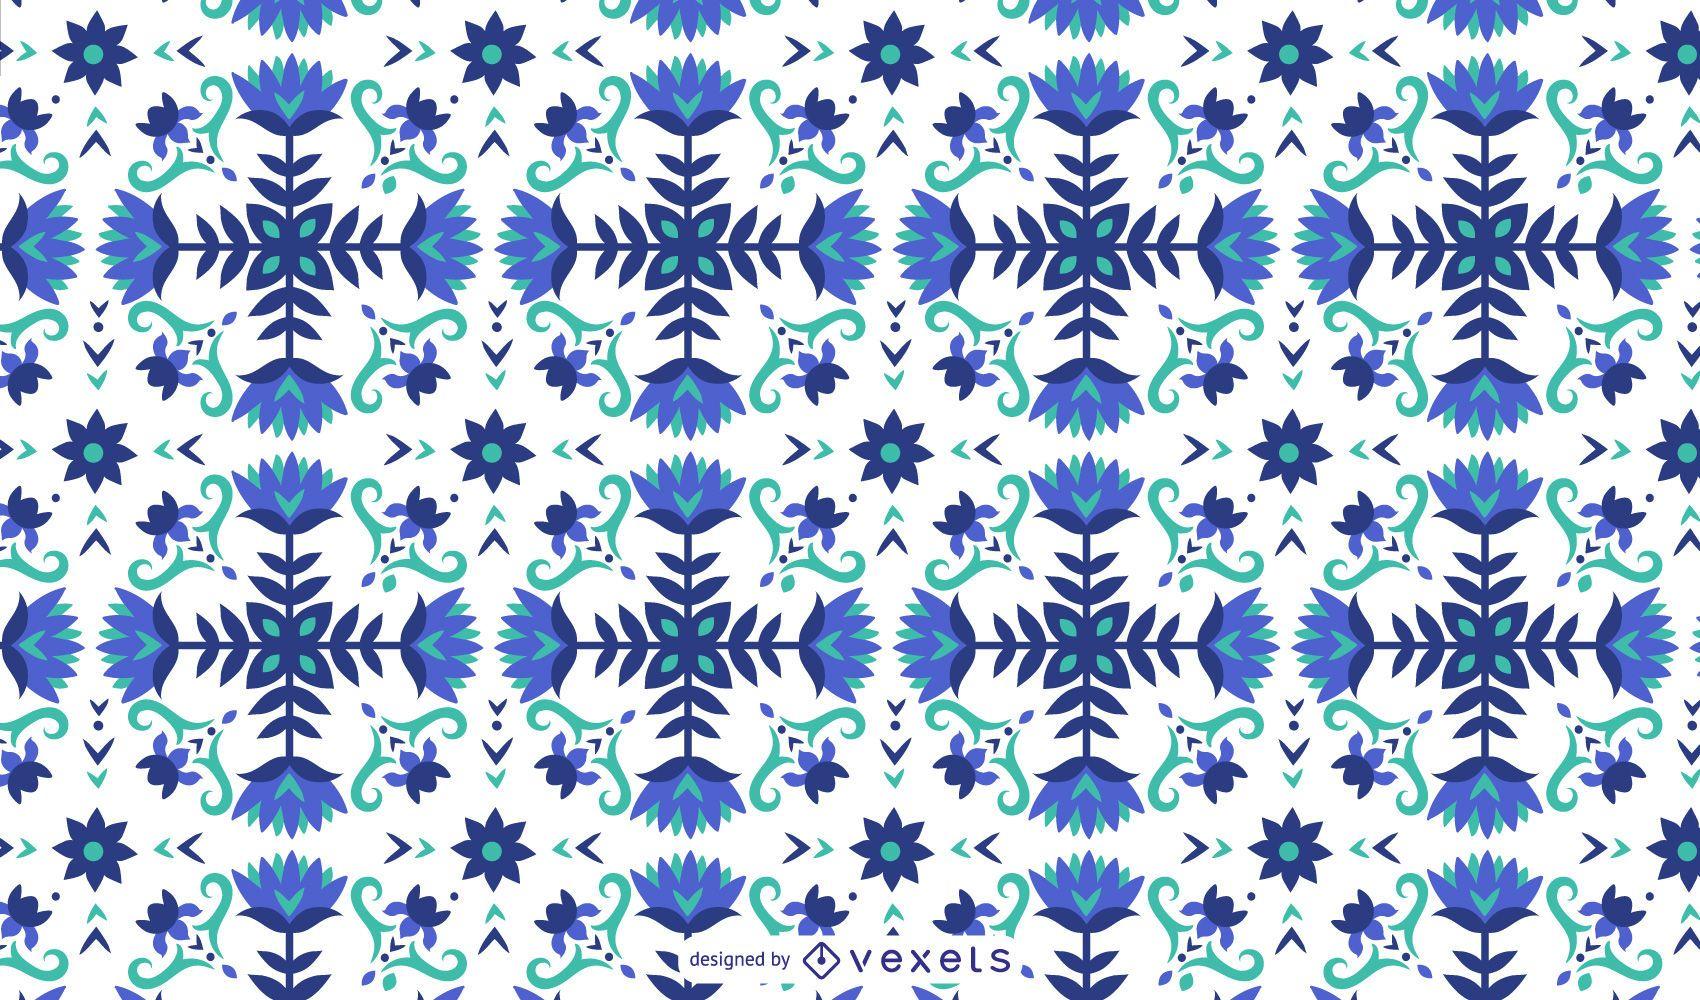 Floral blue pattern design